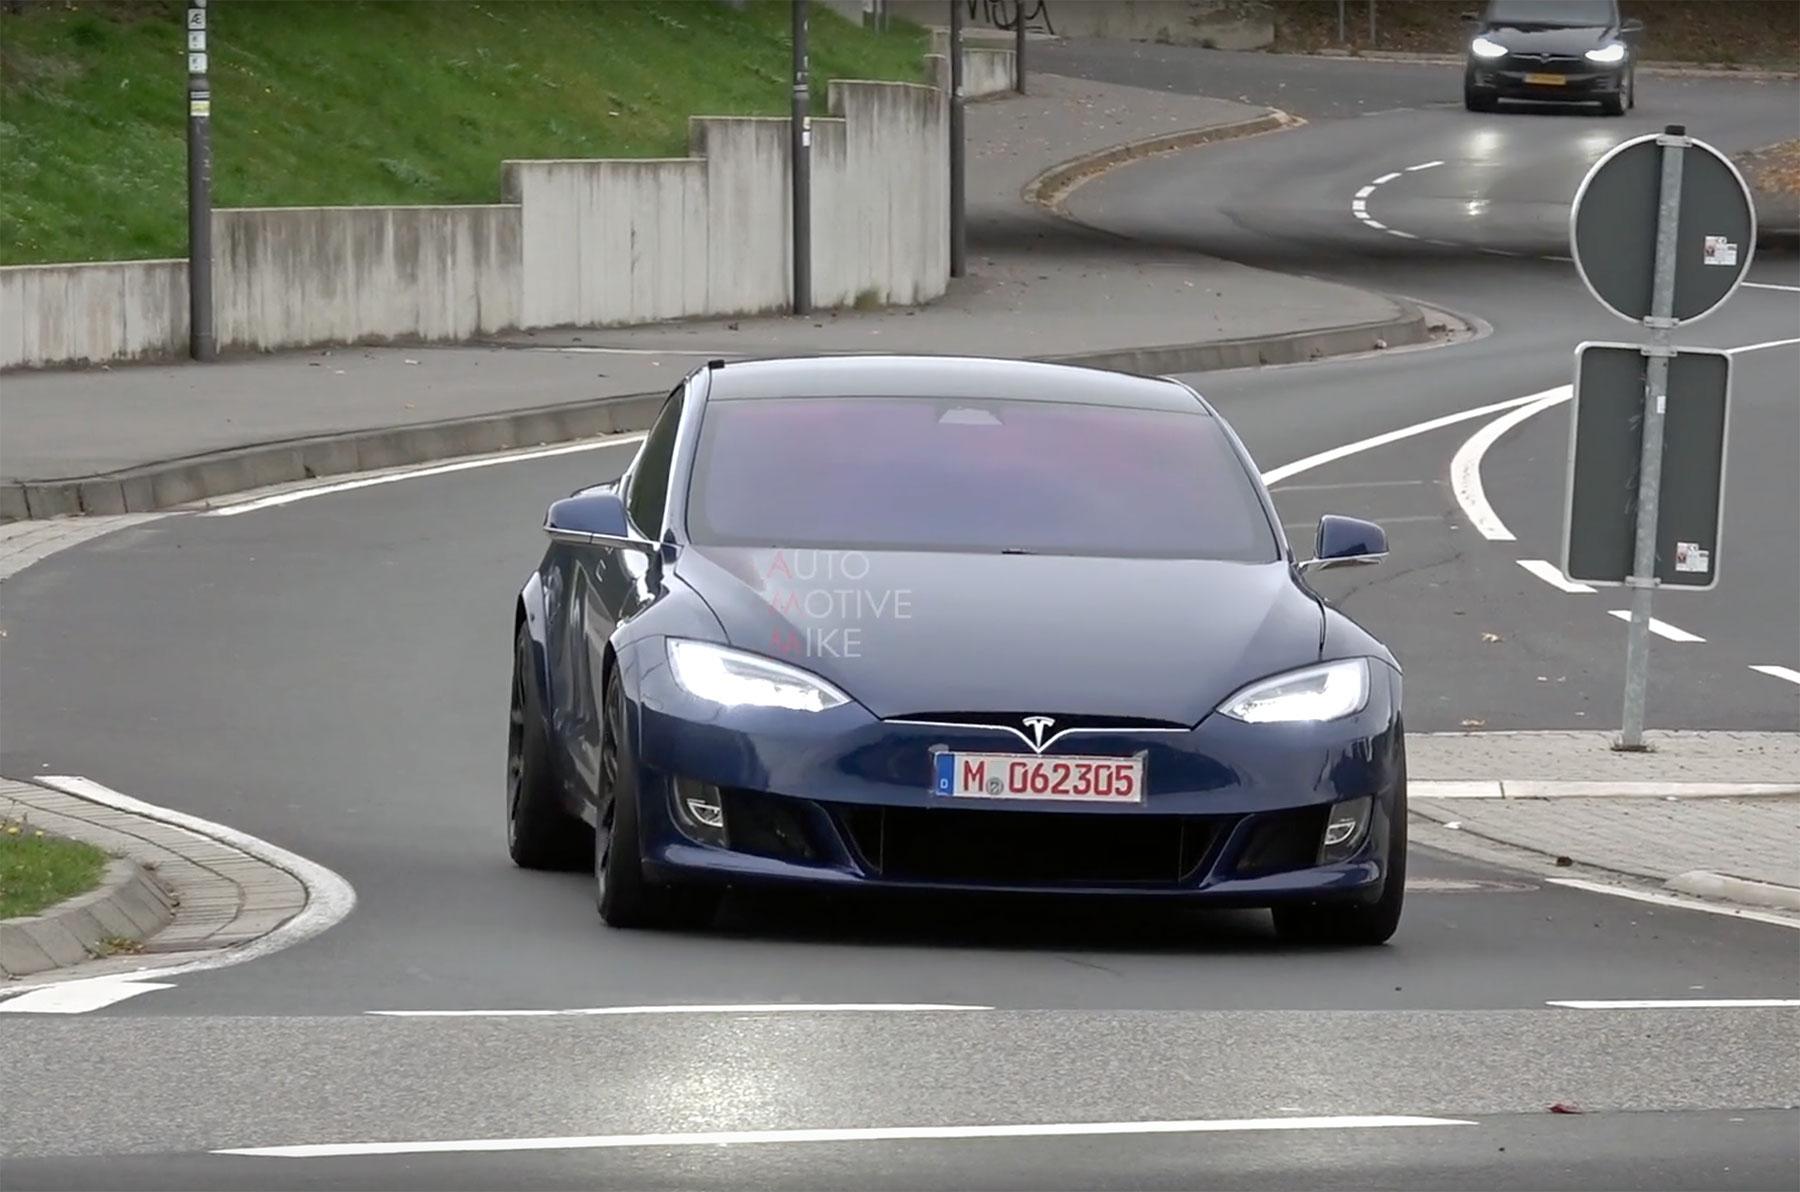 Donnerstag-News: Tesla vs Taycan geht weiter, ADAC mit Sonderzins für Stromer, Karman Ghia elektrisiert, Mit dem E-Scooter frieren - e-engine - Alles rund um E-Mobilität